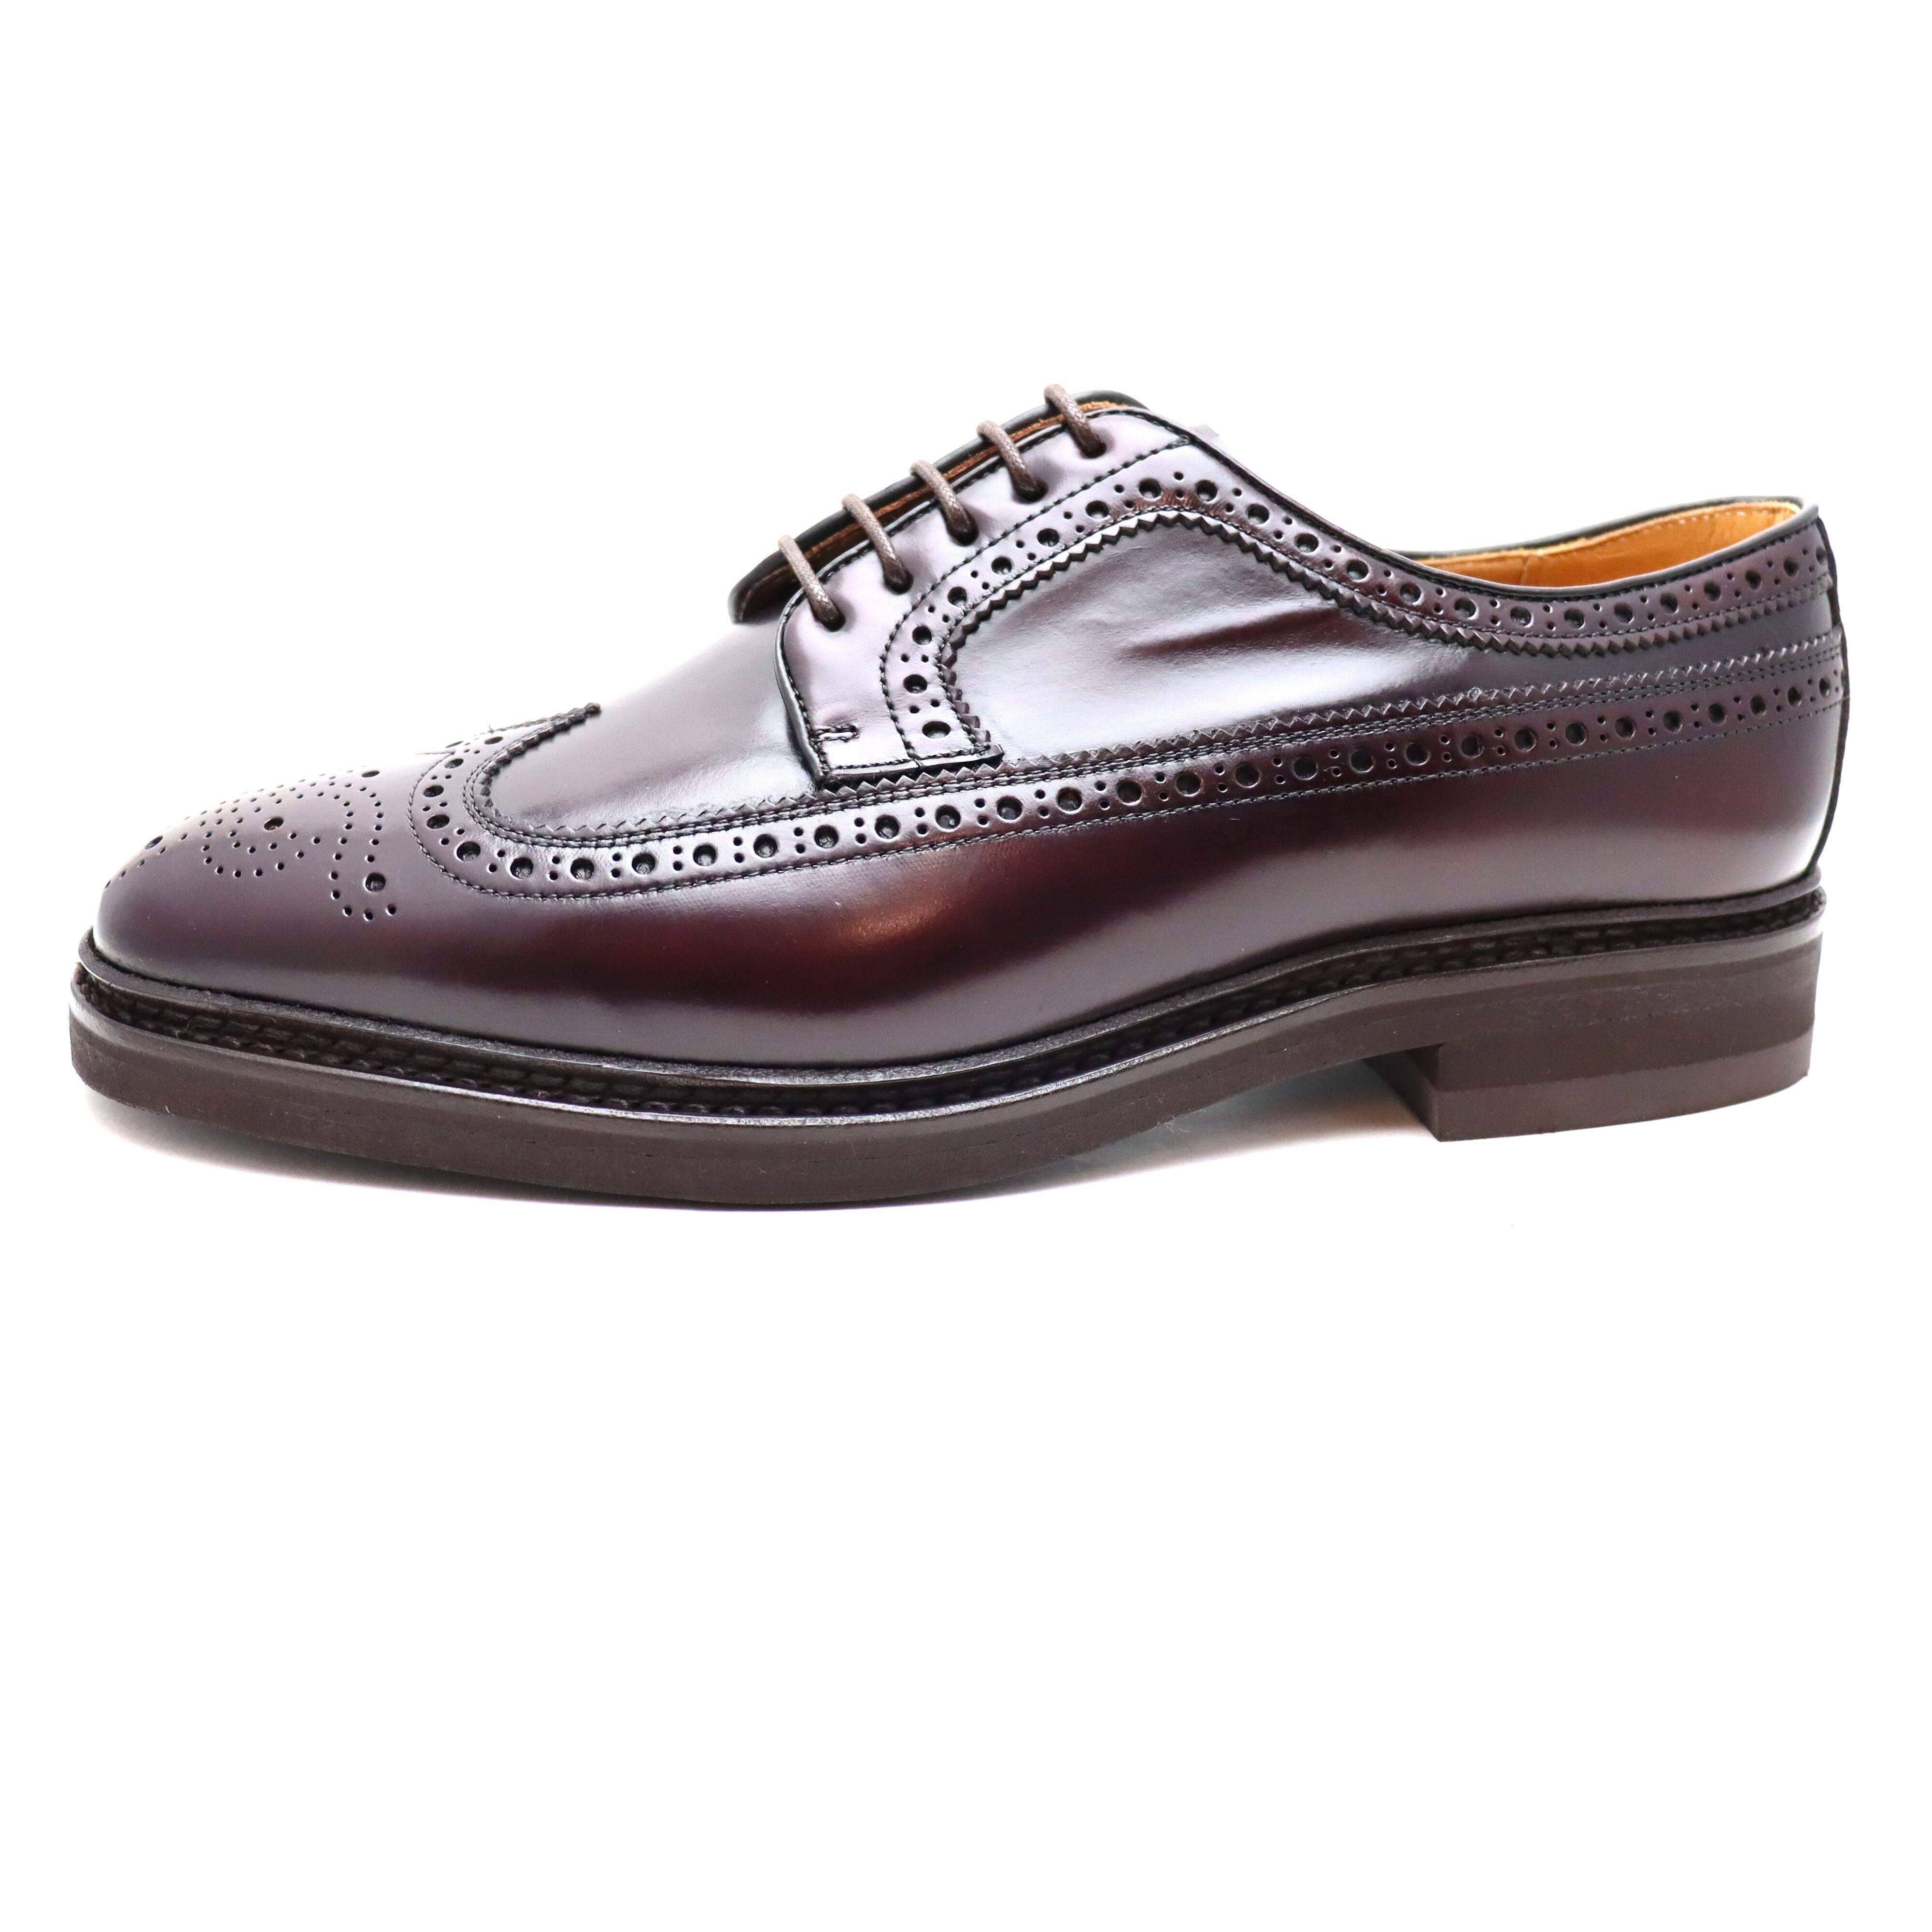 【Berwick ロングウィングチップ 5278の画像コメント2】ビブラムソールを採用することで、シルエットも少しばかり、ぽっちゃり目に。しかしカジュアル革靴としては、これぐらいの方が使いやすいぐらいです。